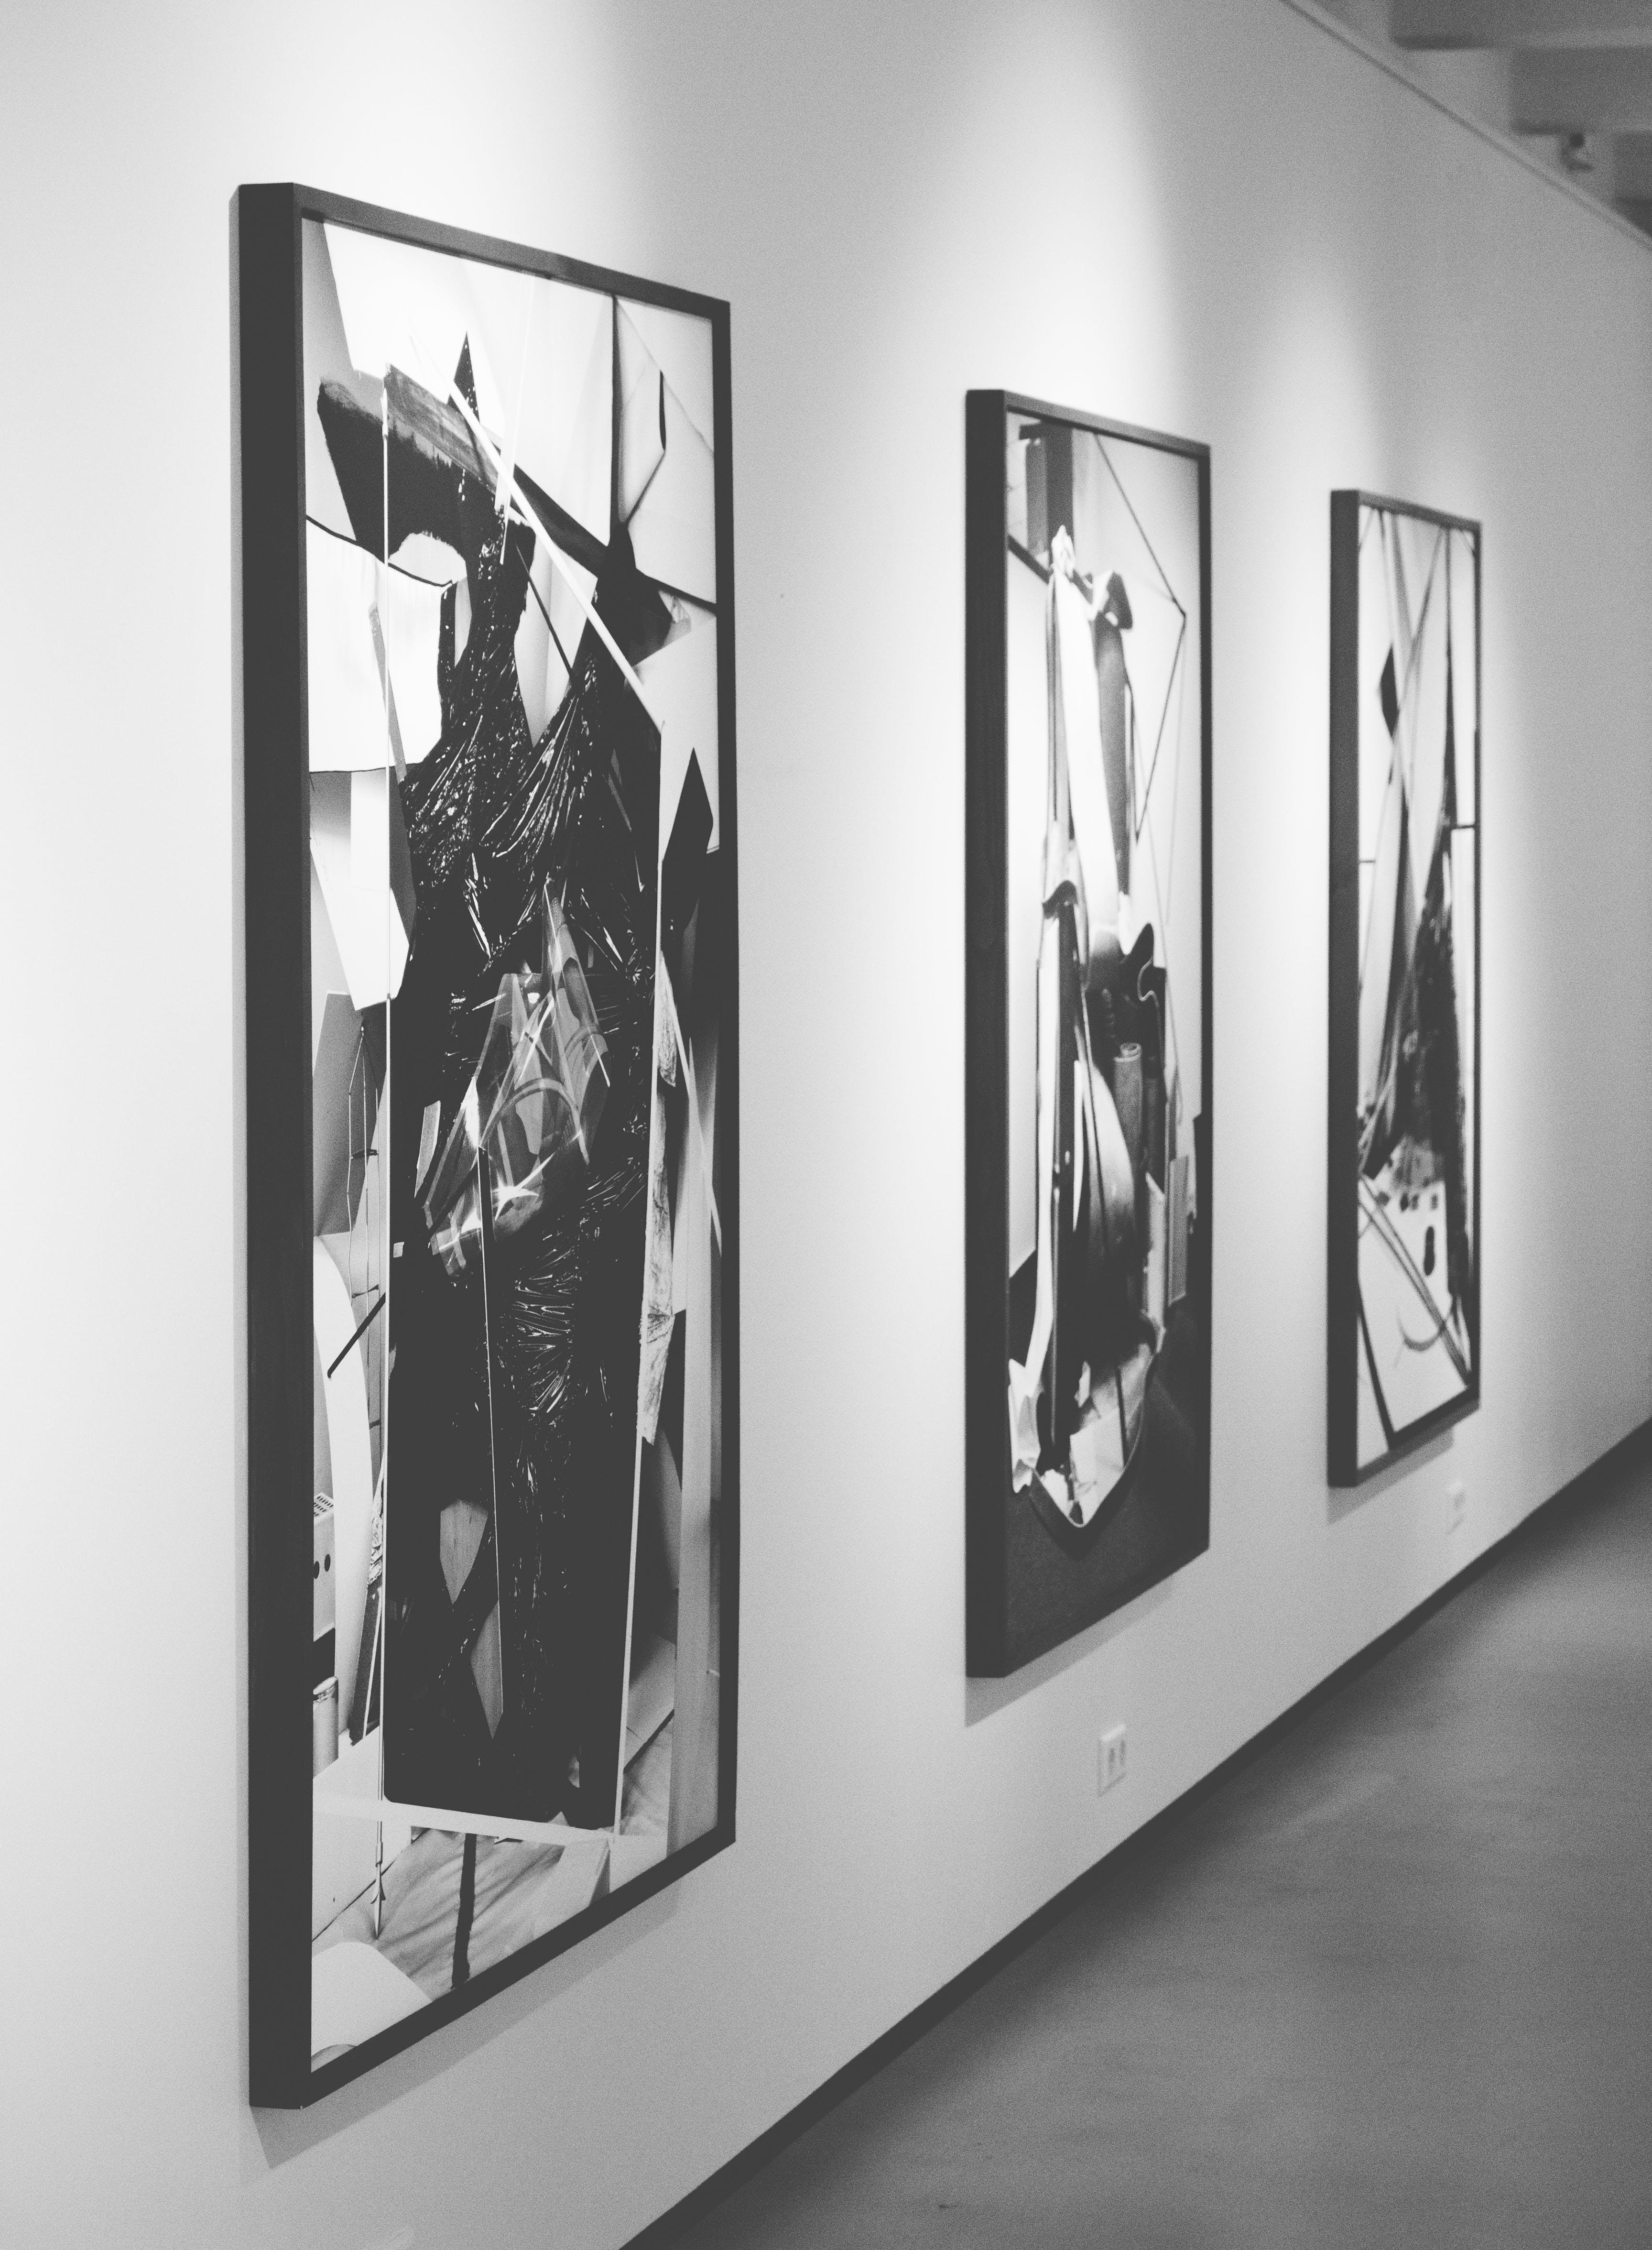 單色, 室內, 展出物, 建築 的 免費圖庫相片